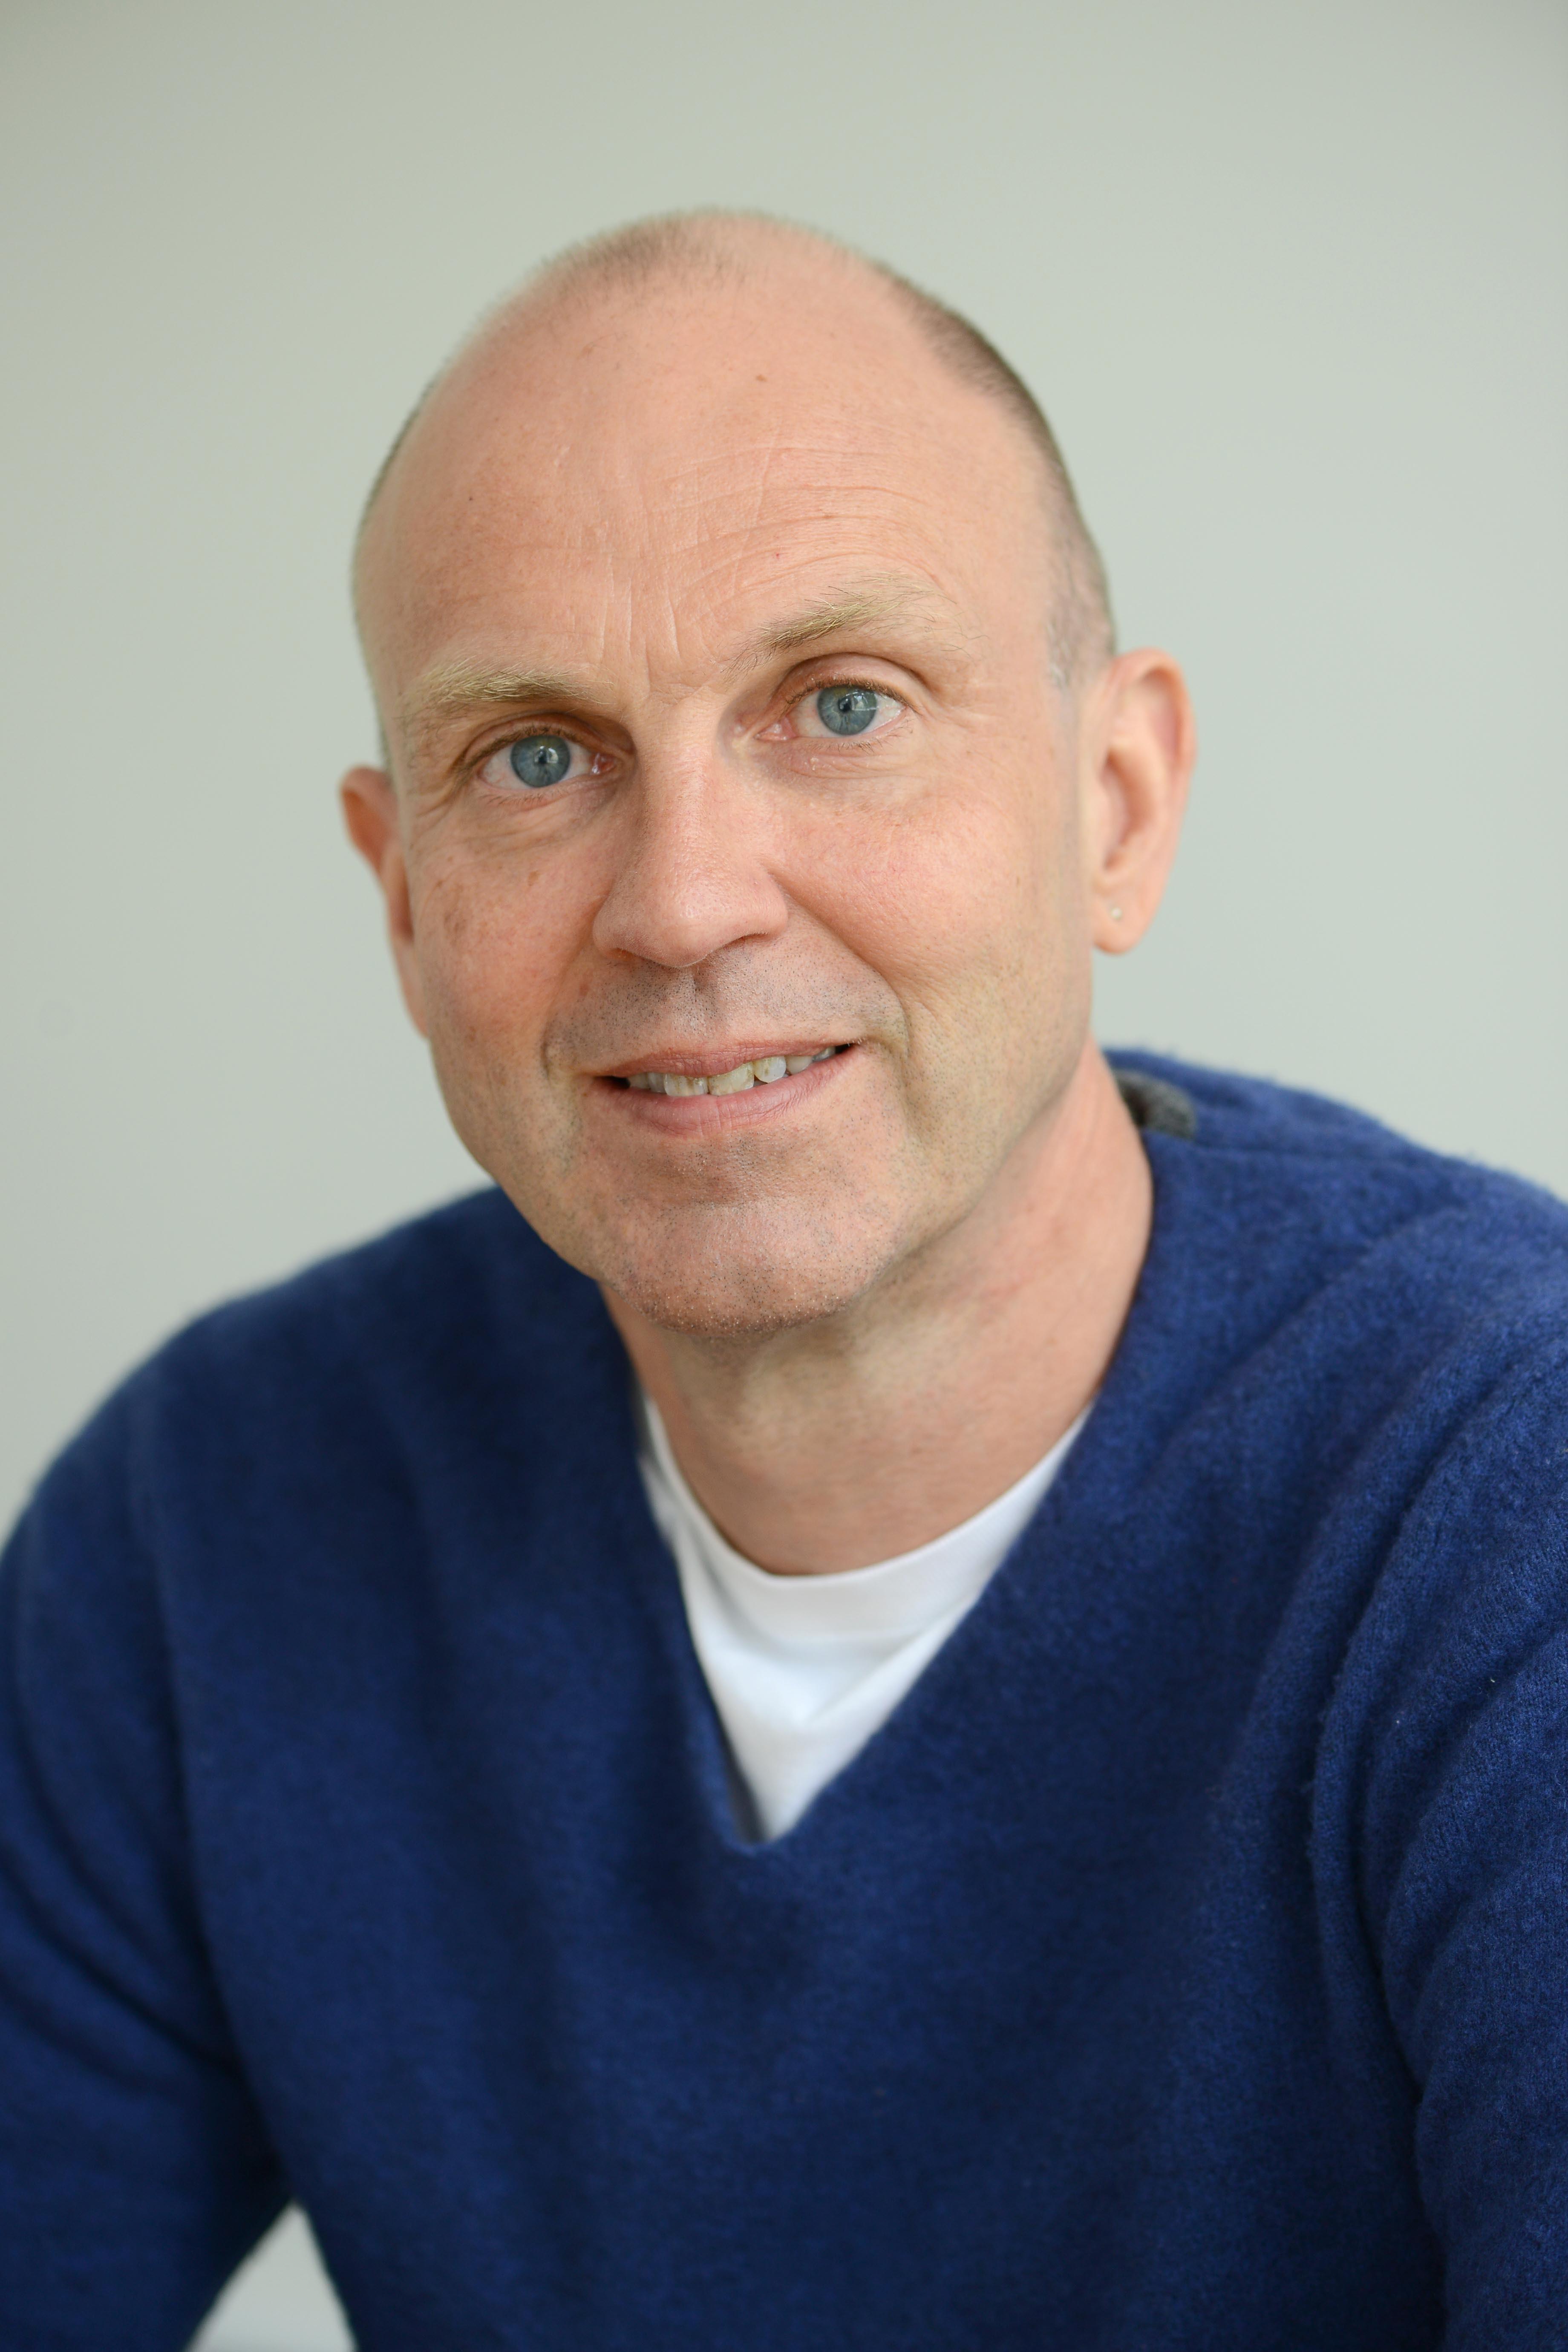 George Davey Smith